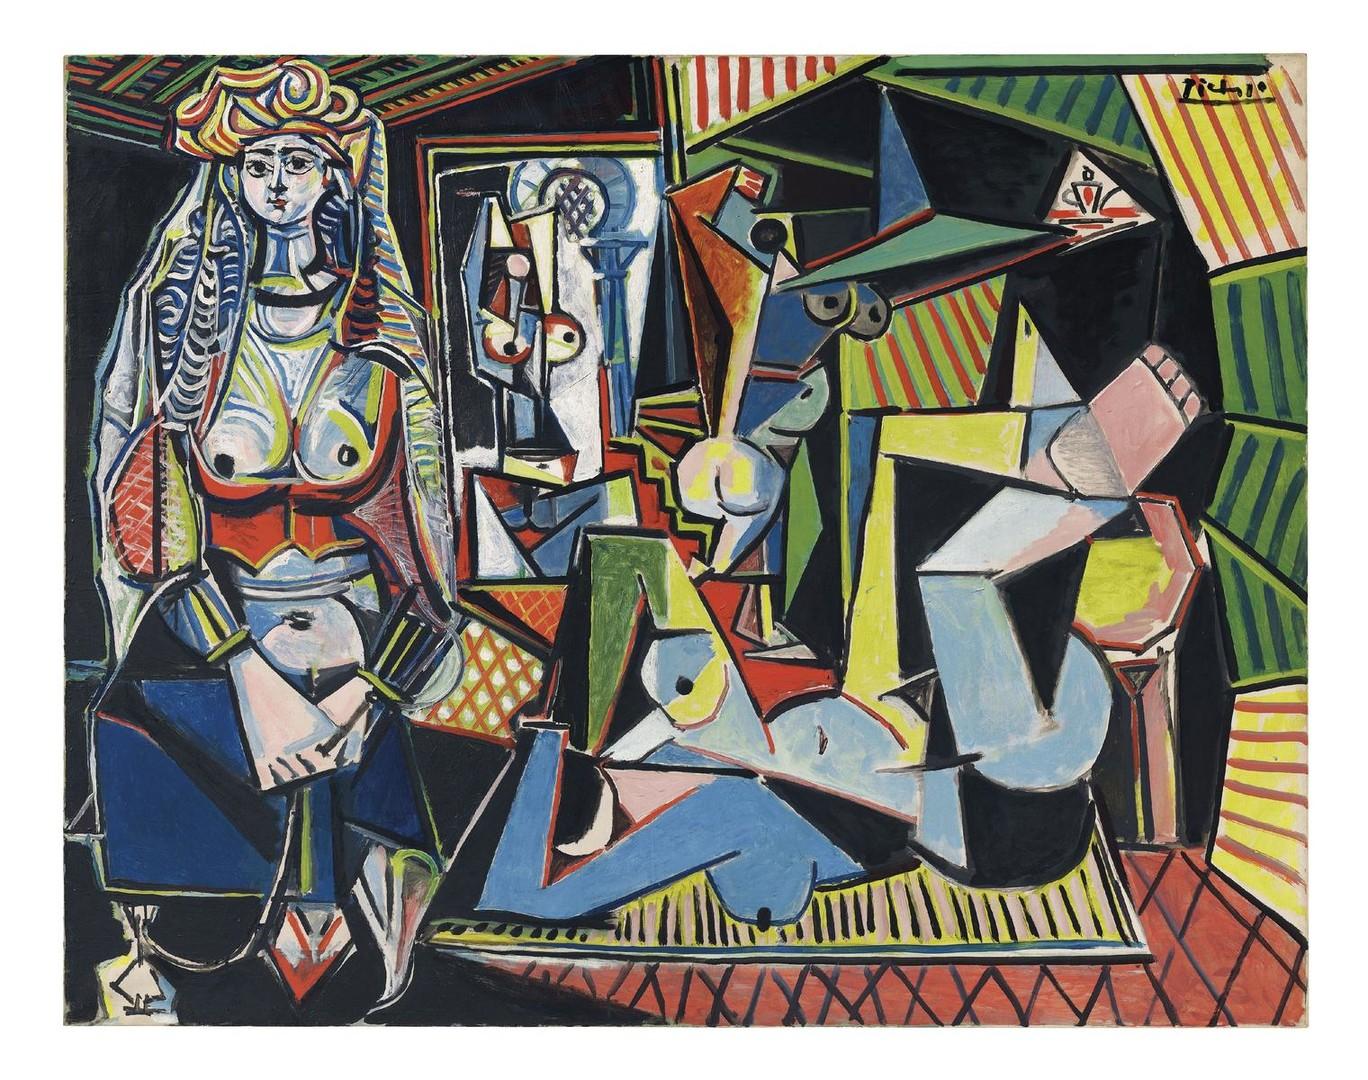 Les Femmes d'Alger de Picasso reste le tableau vendu le plus cher aux enchères